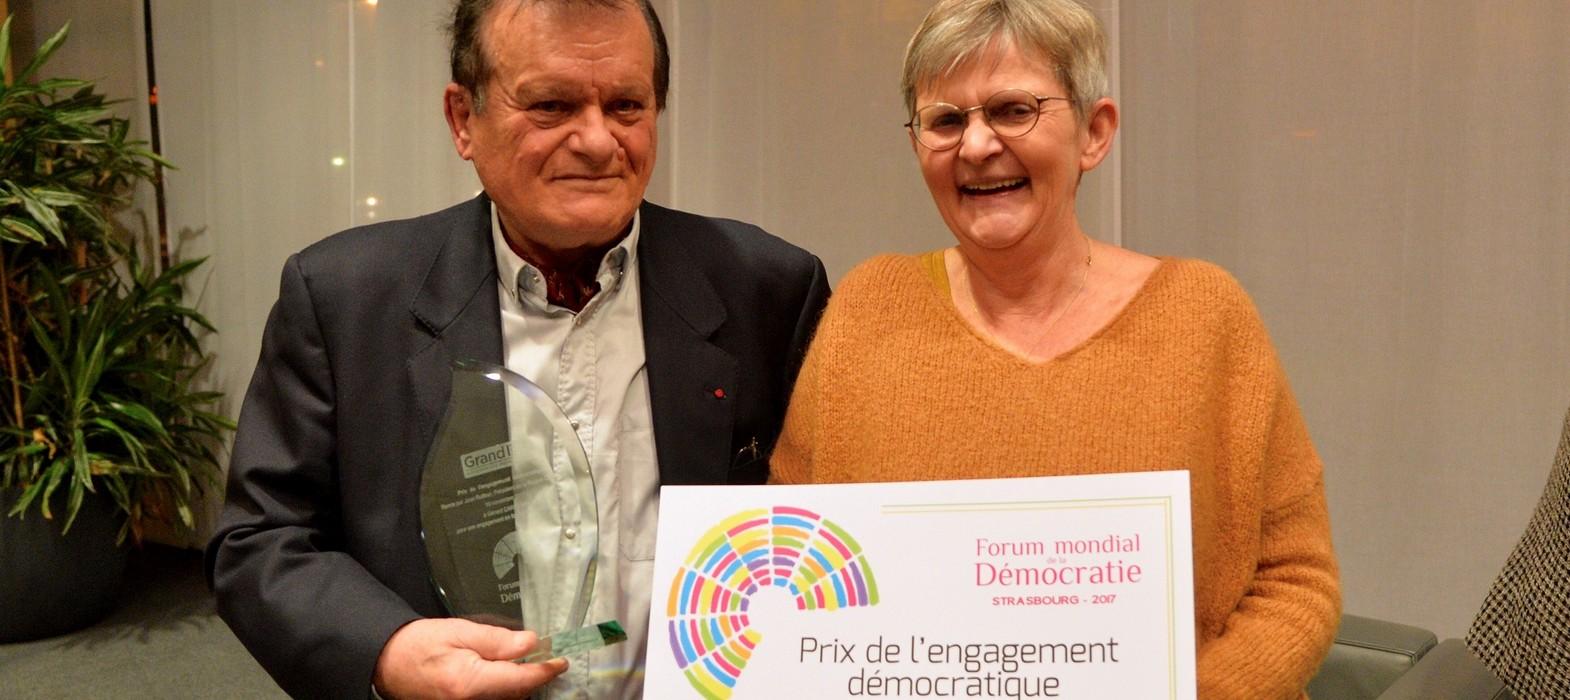 Prix de l'engagement démocratique - Gérard Cardonne